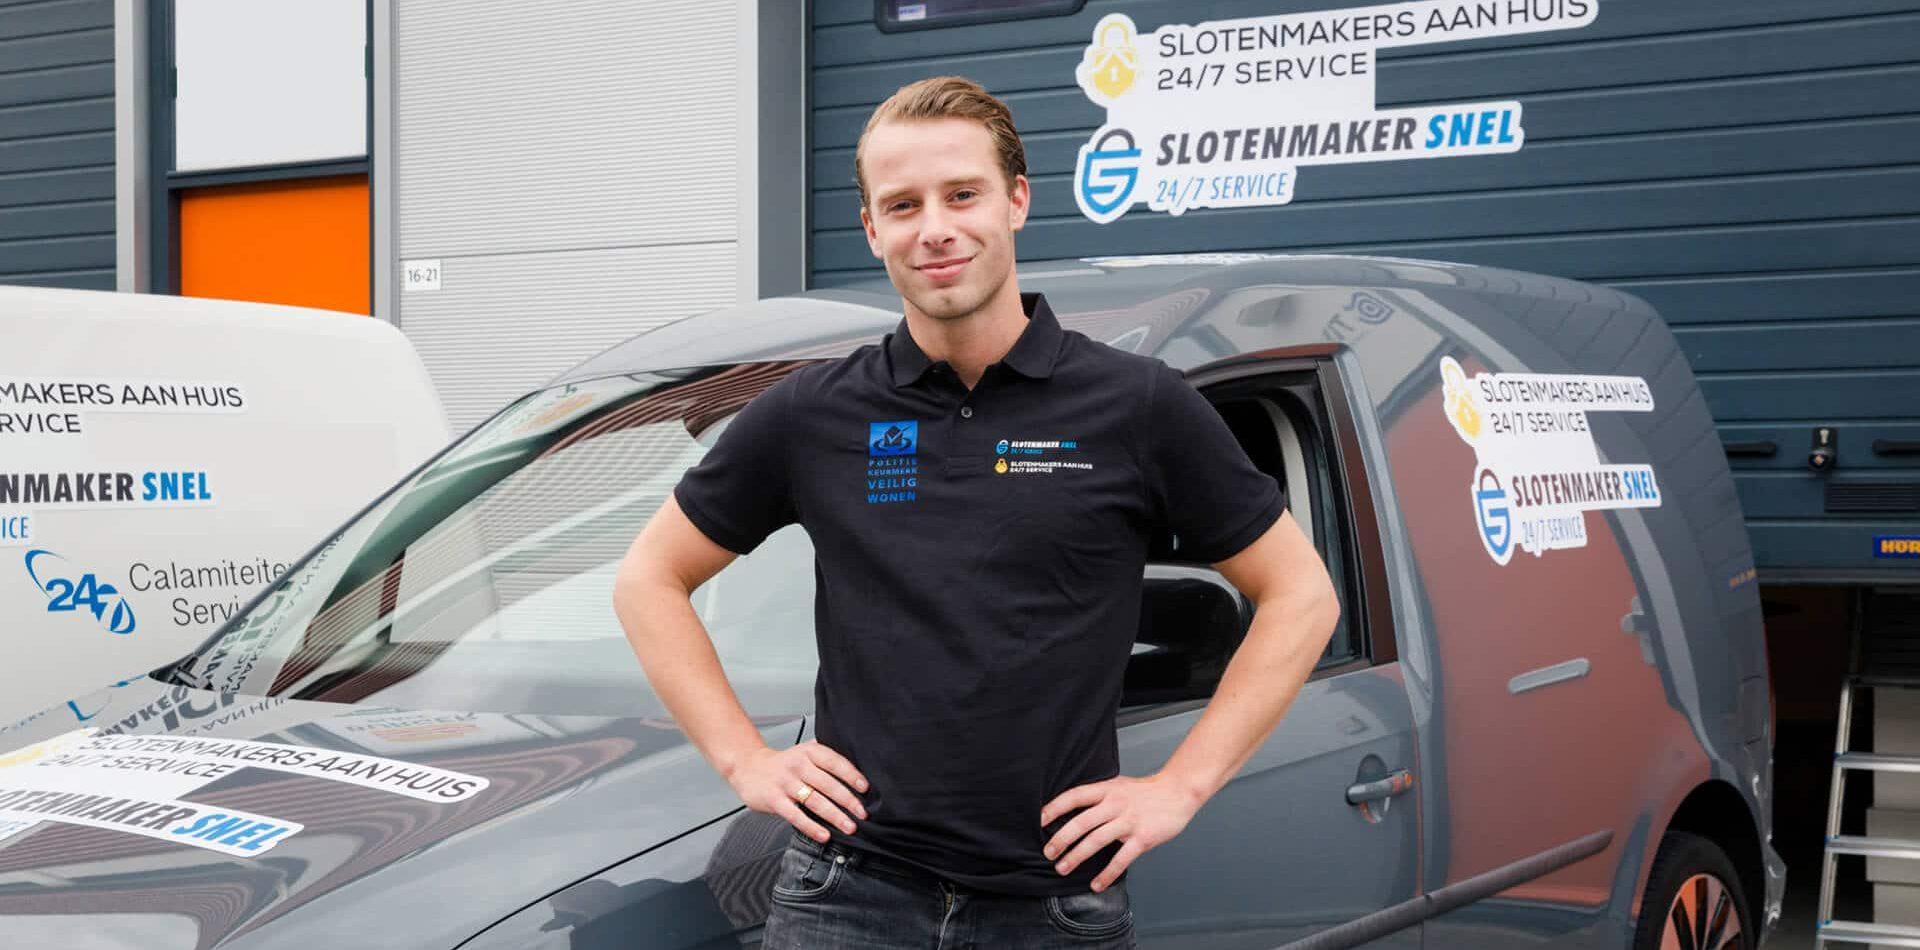 Slotenmaker Driebergen